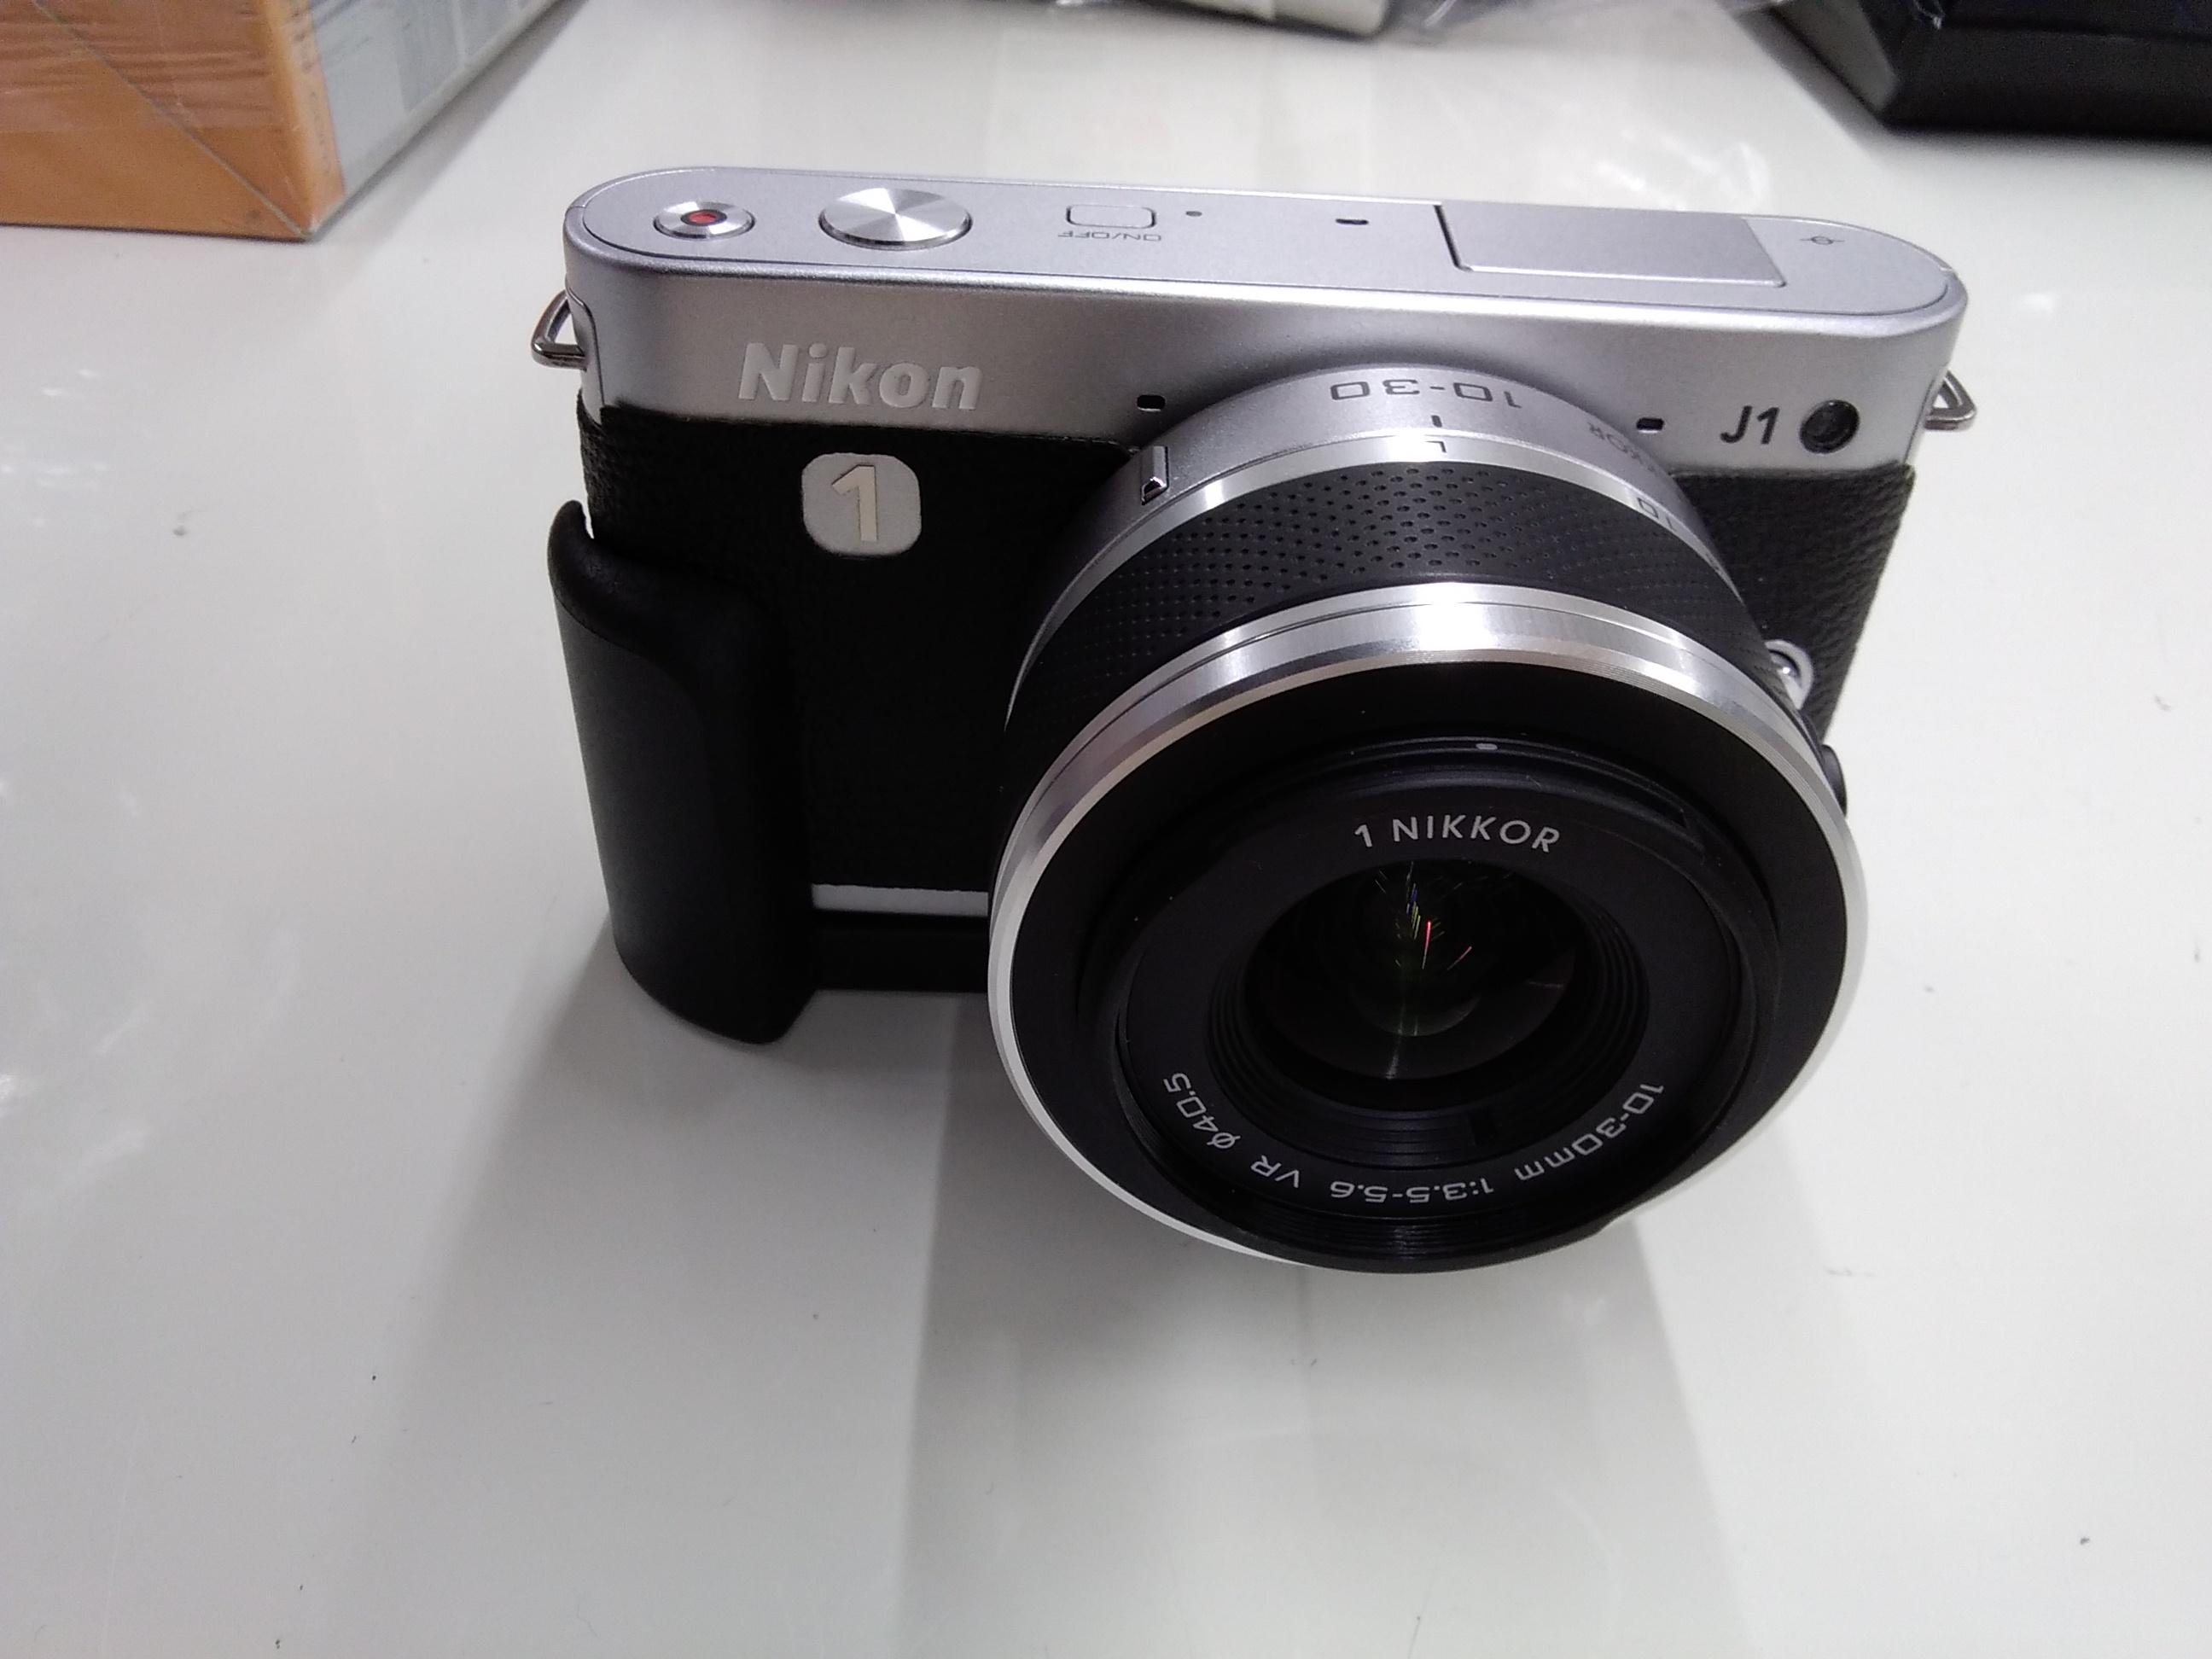 デジタルミラーレス一眼カメラ|NIKON